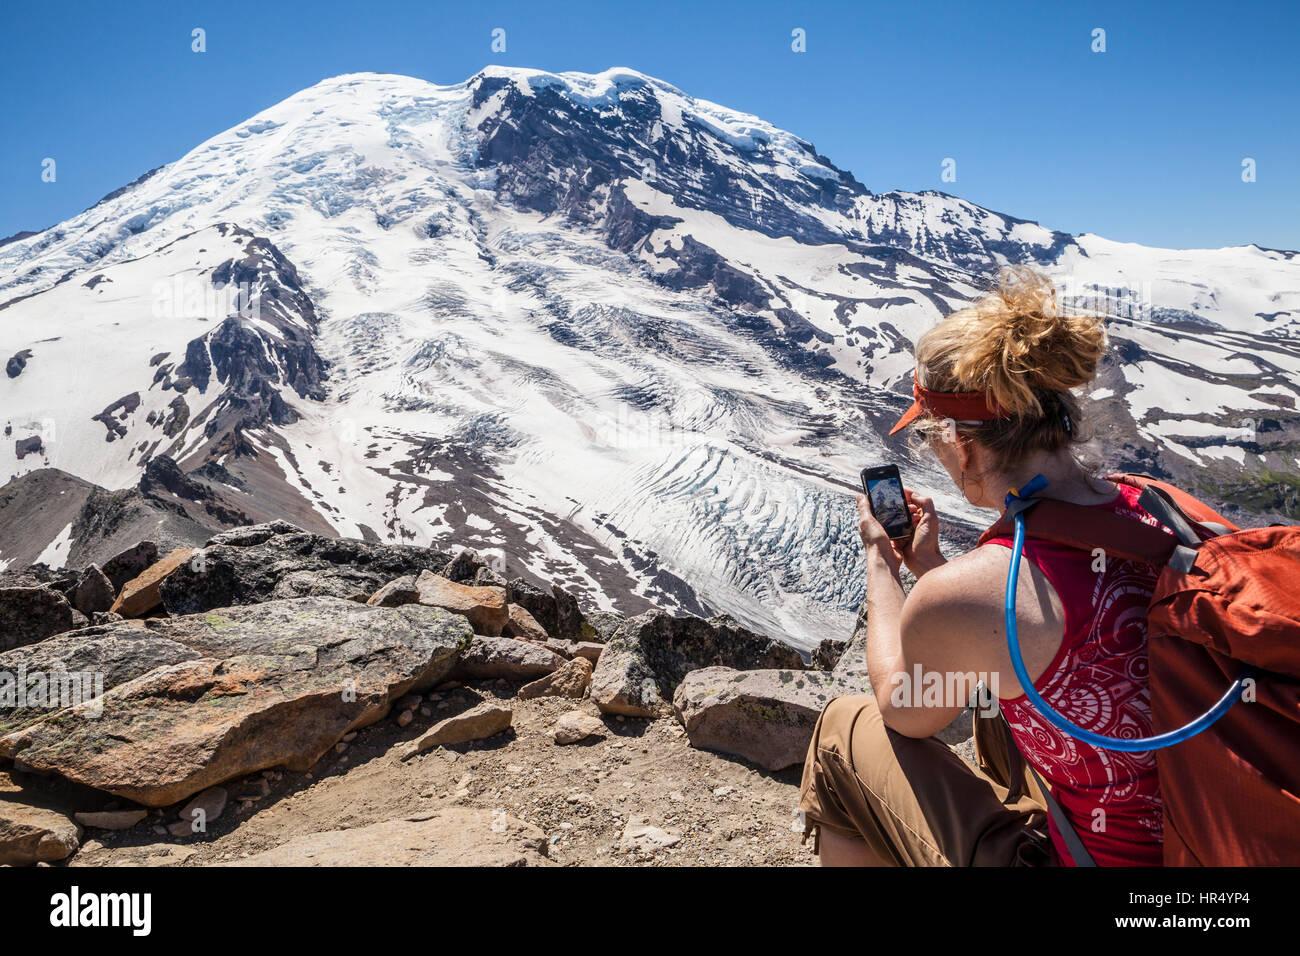 Una mujer en la cima de la montaña Burroughs tomar una fotografía con su teléfono celular, el Parque Nacional Monte Foto de stock